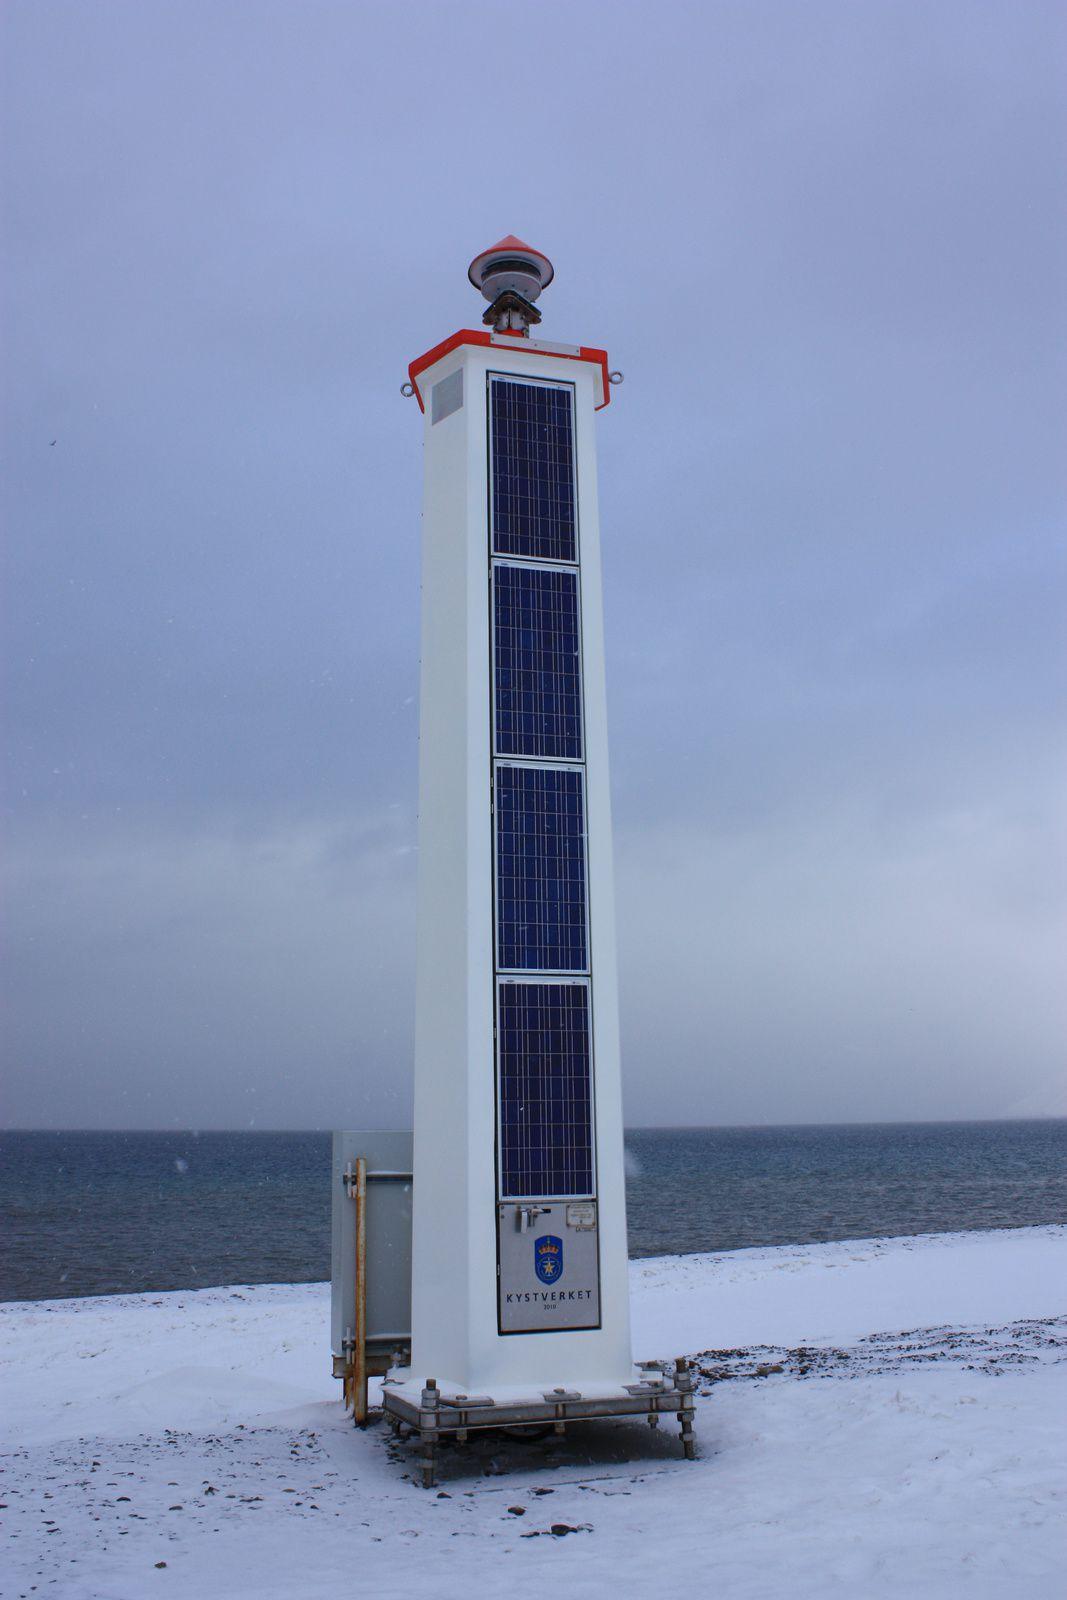 à côté du phare, un 2e phare avec des panneaux solaires... non, vous ne rêvez pas !